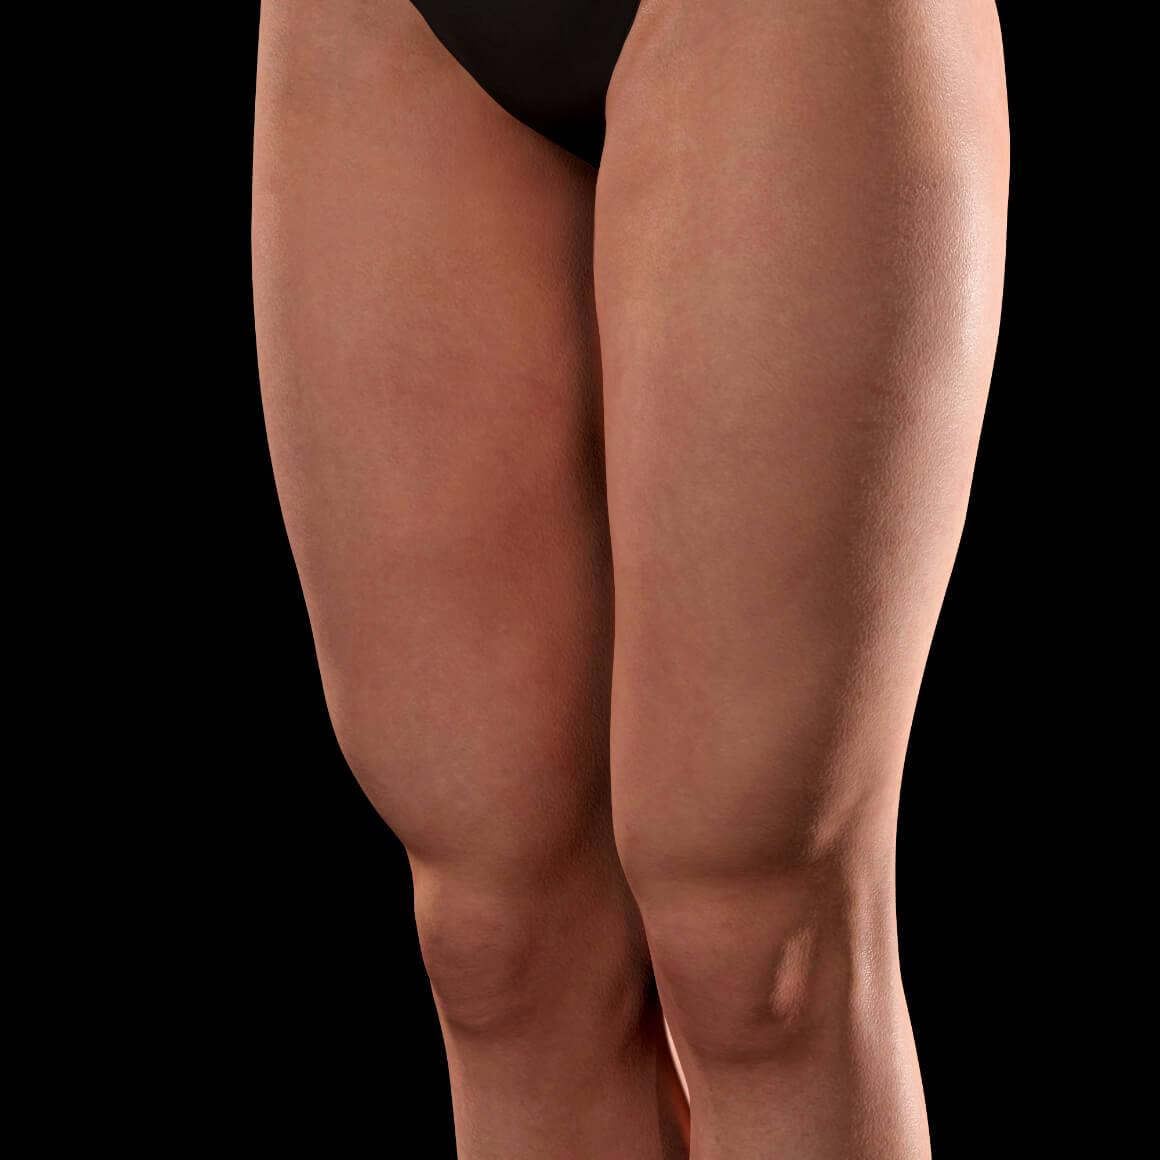 Cuisses d'une patiente de la Clinique Chloé positionnée en angle après des traitements de Venus Viva contre les vergetures